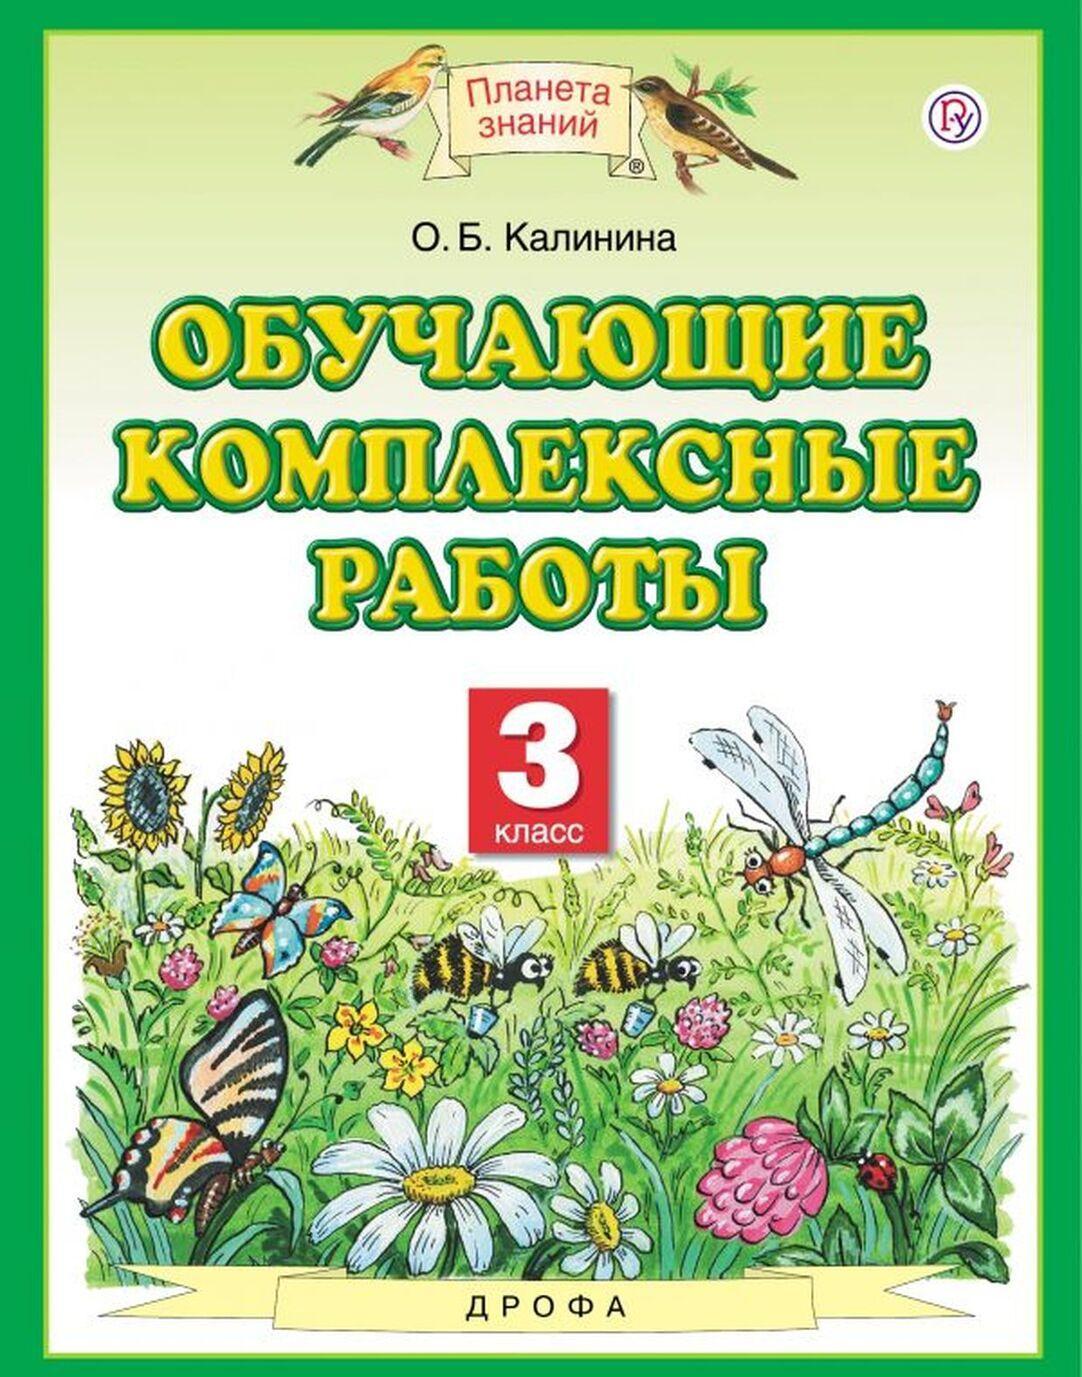 Obuchajuschie kompleksnye raboty. 3 klass | Kalinina Olga Borisovna